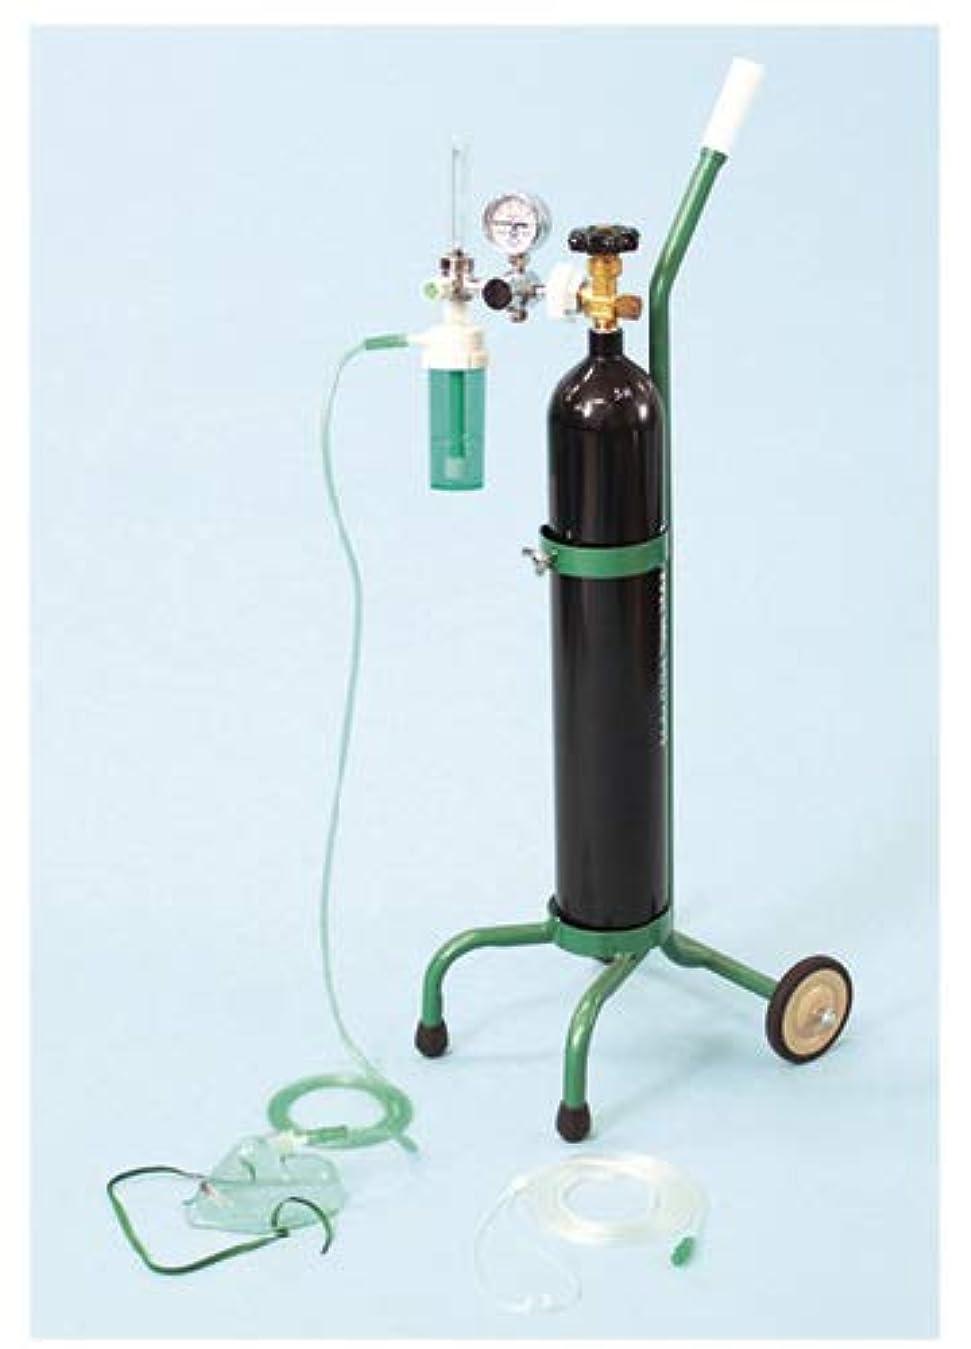 過ちモジュール政策ブルークロス?エマージェンシー 酸素吸入器 キャリータイプDX OX-500VDX(サンソナシ) 1組